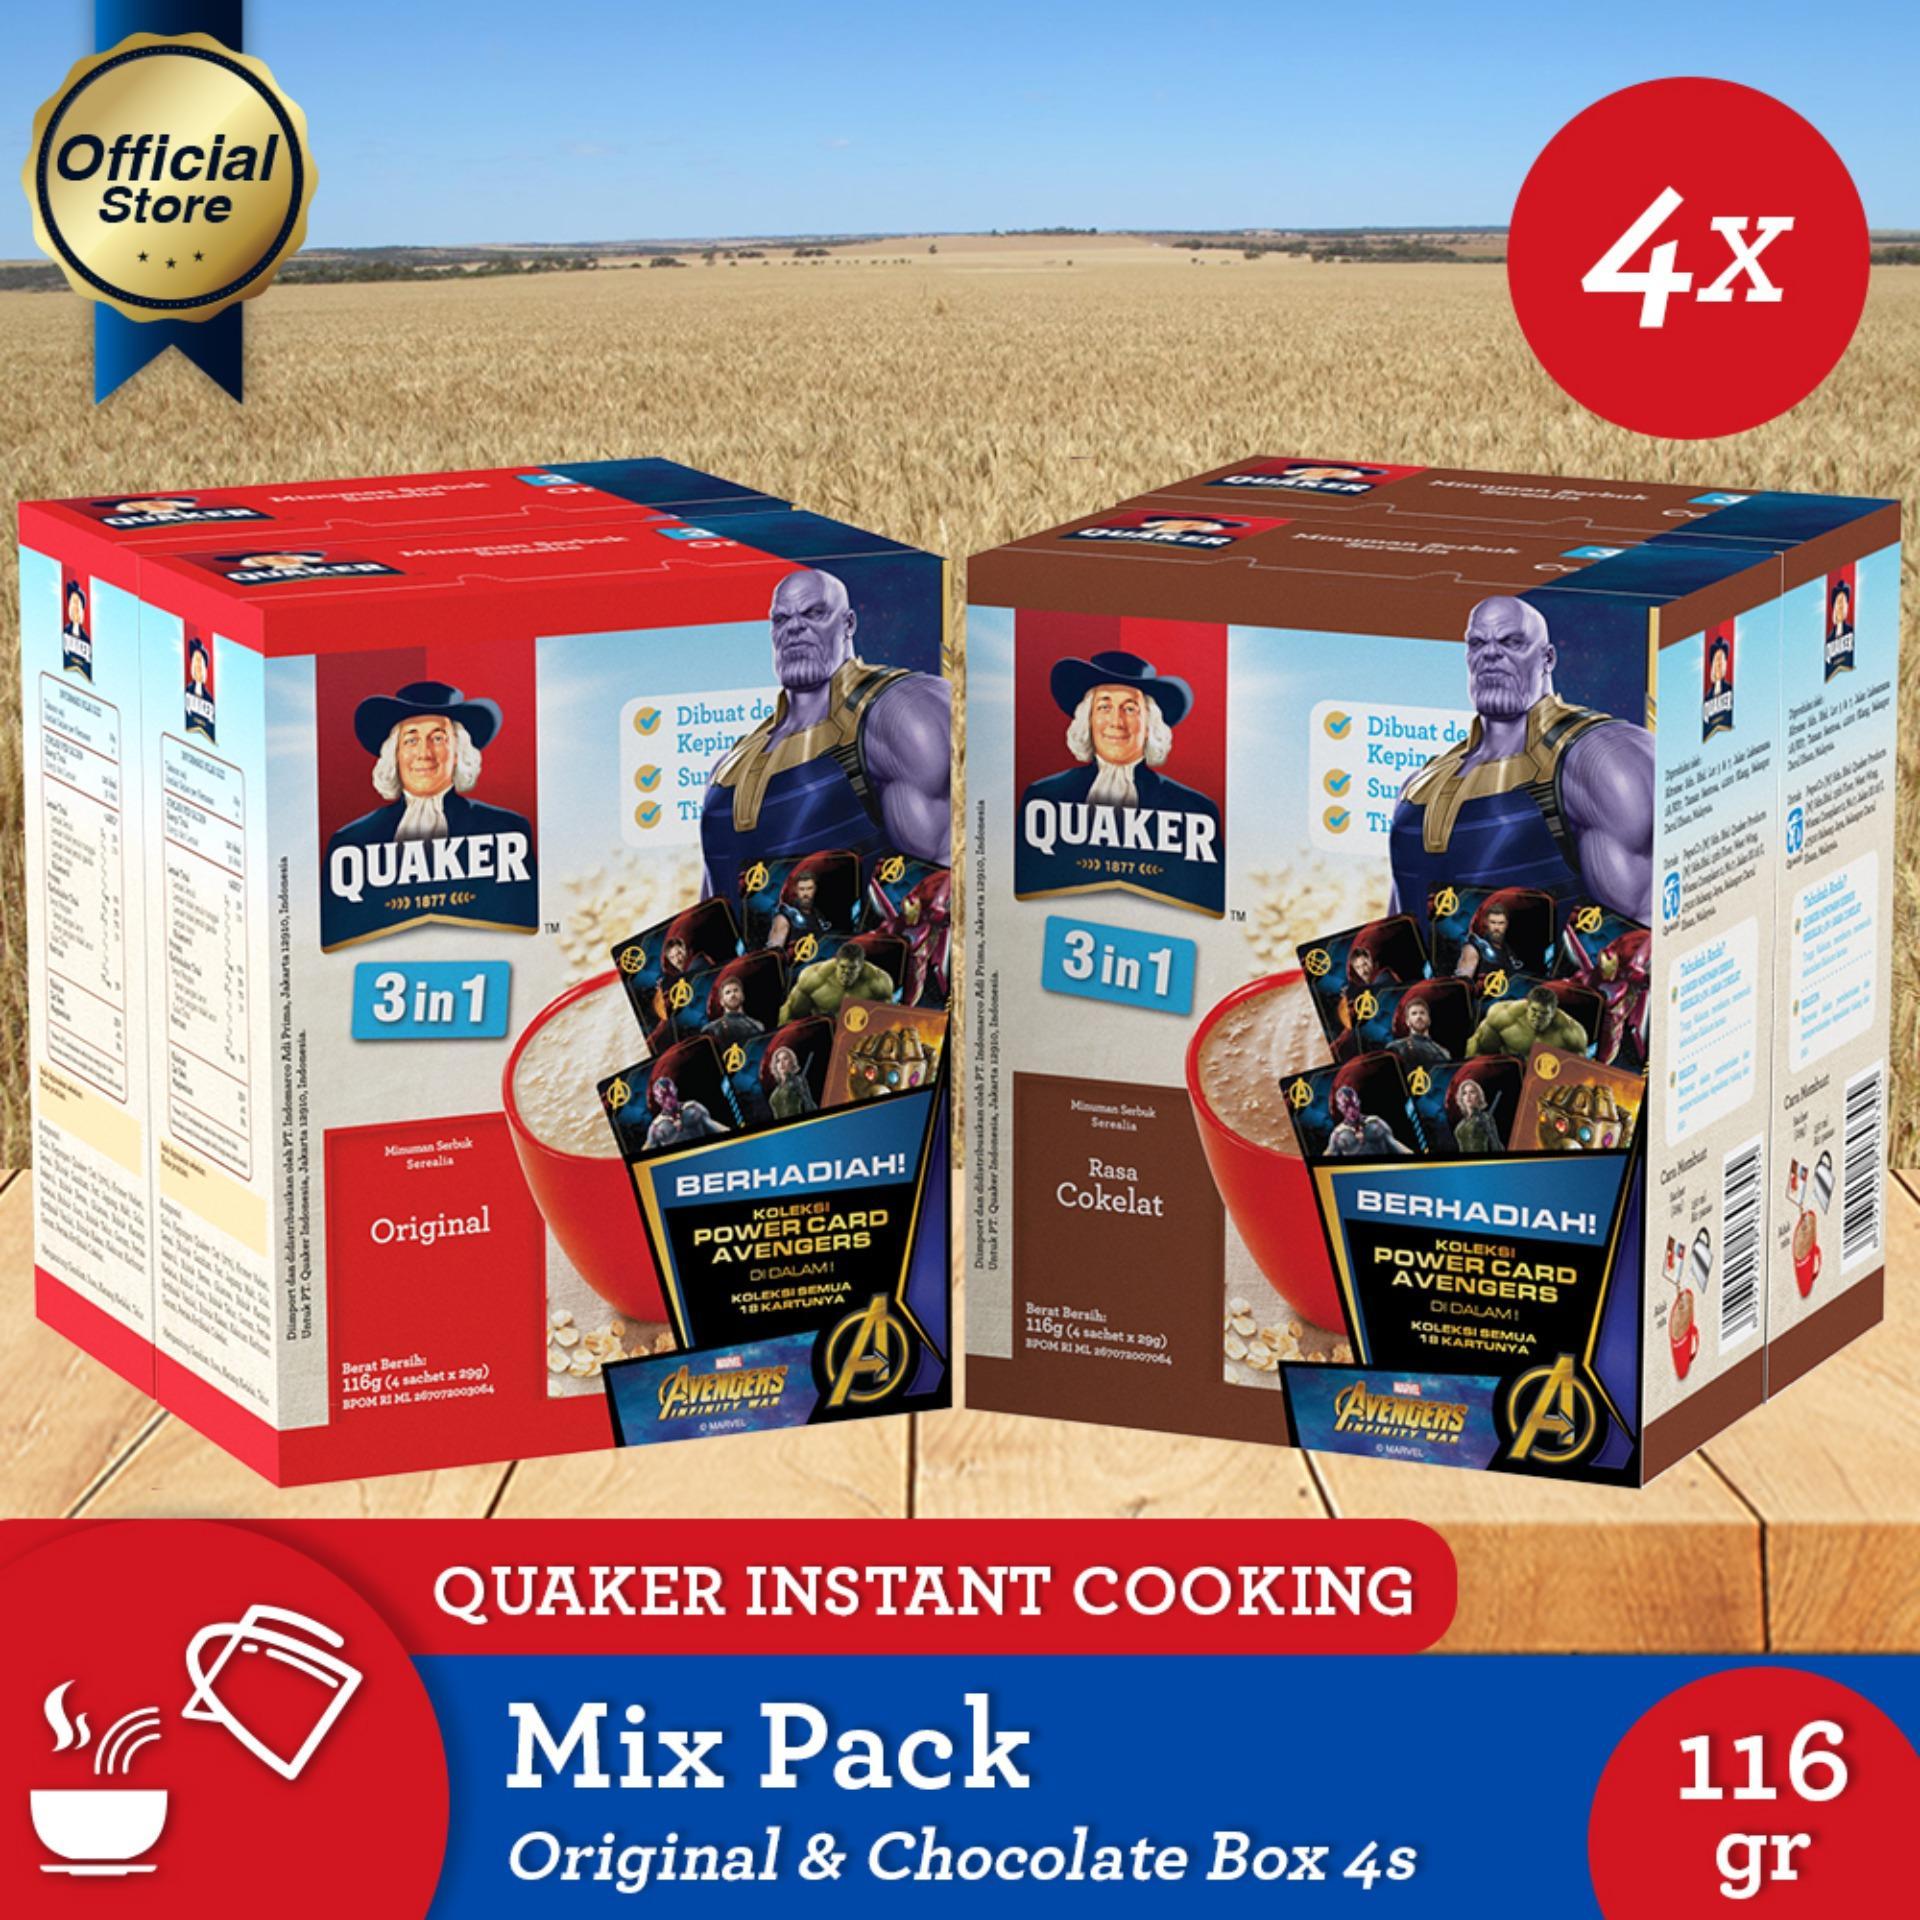 Review Kongbap Original Multi Grain Mix 1 Pack Dan Harga Terbaru Quaker 3 In Chocolate Box 4s